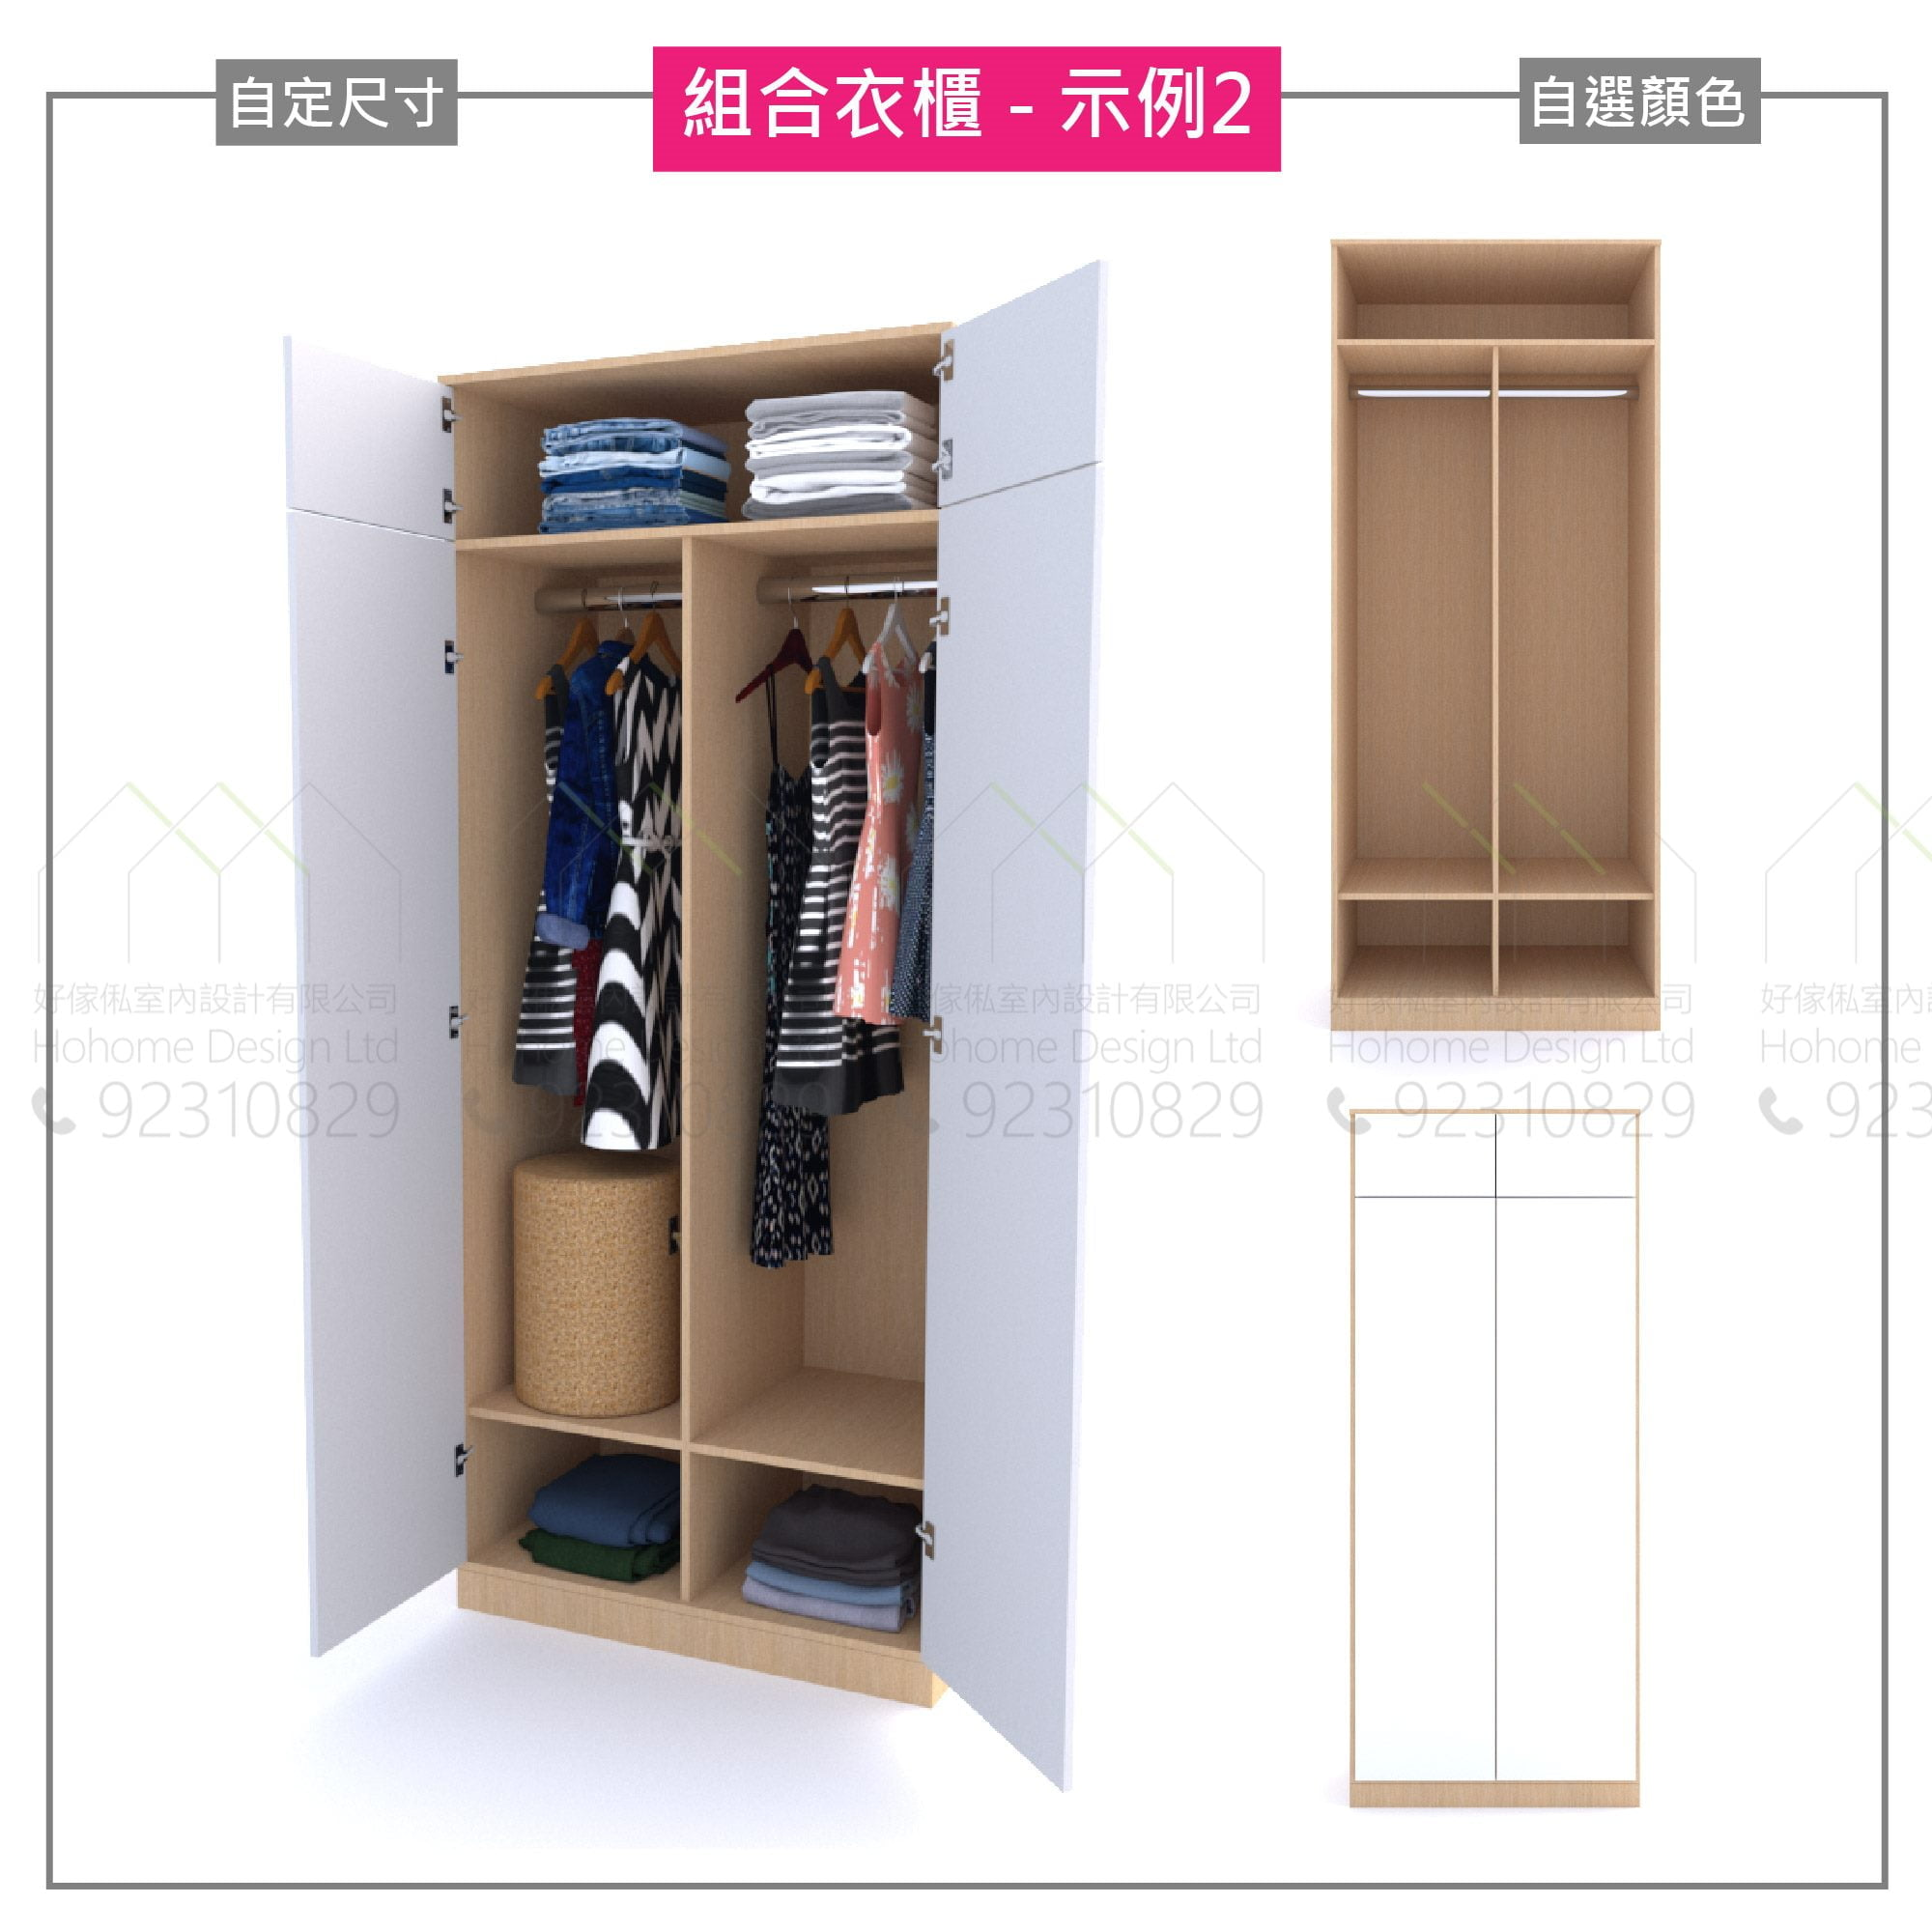 由兩個相同的組合單元組合而成的雙門衣櫃